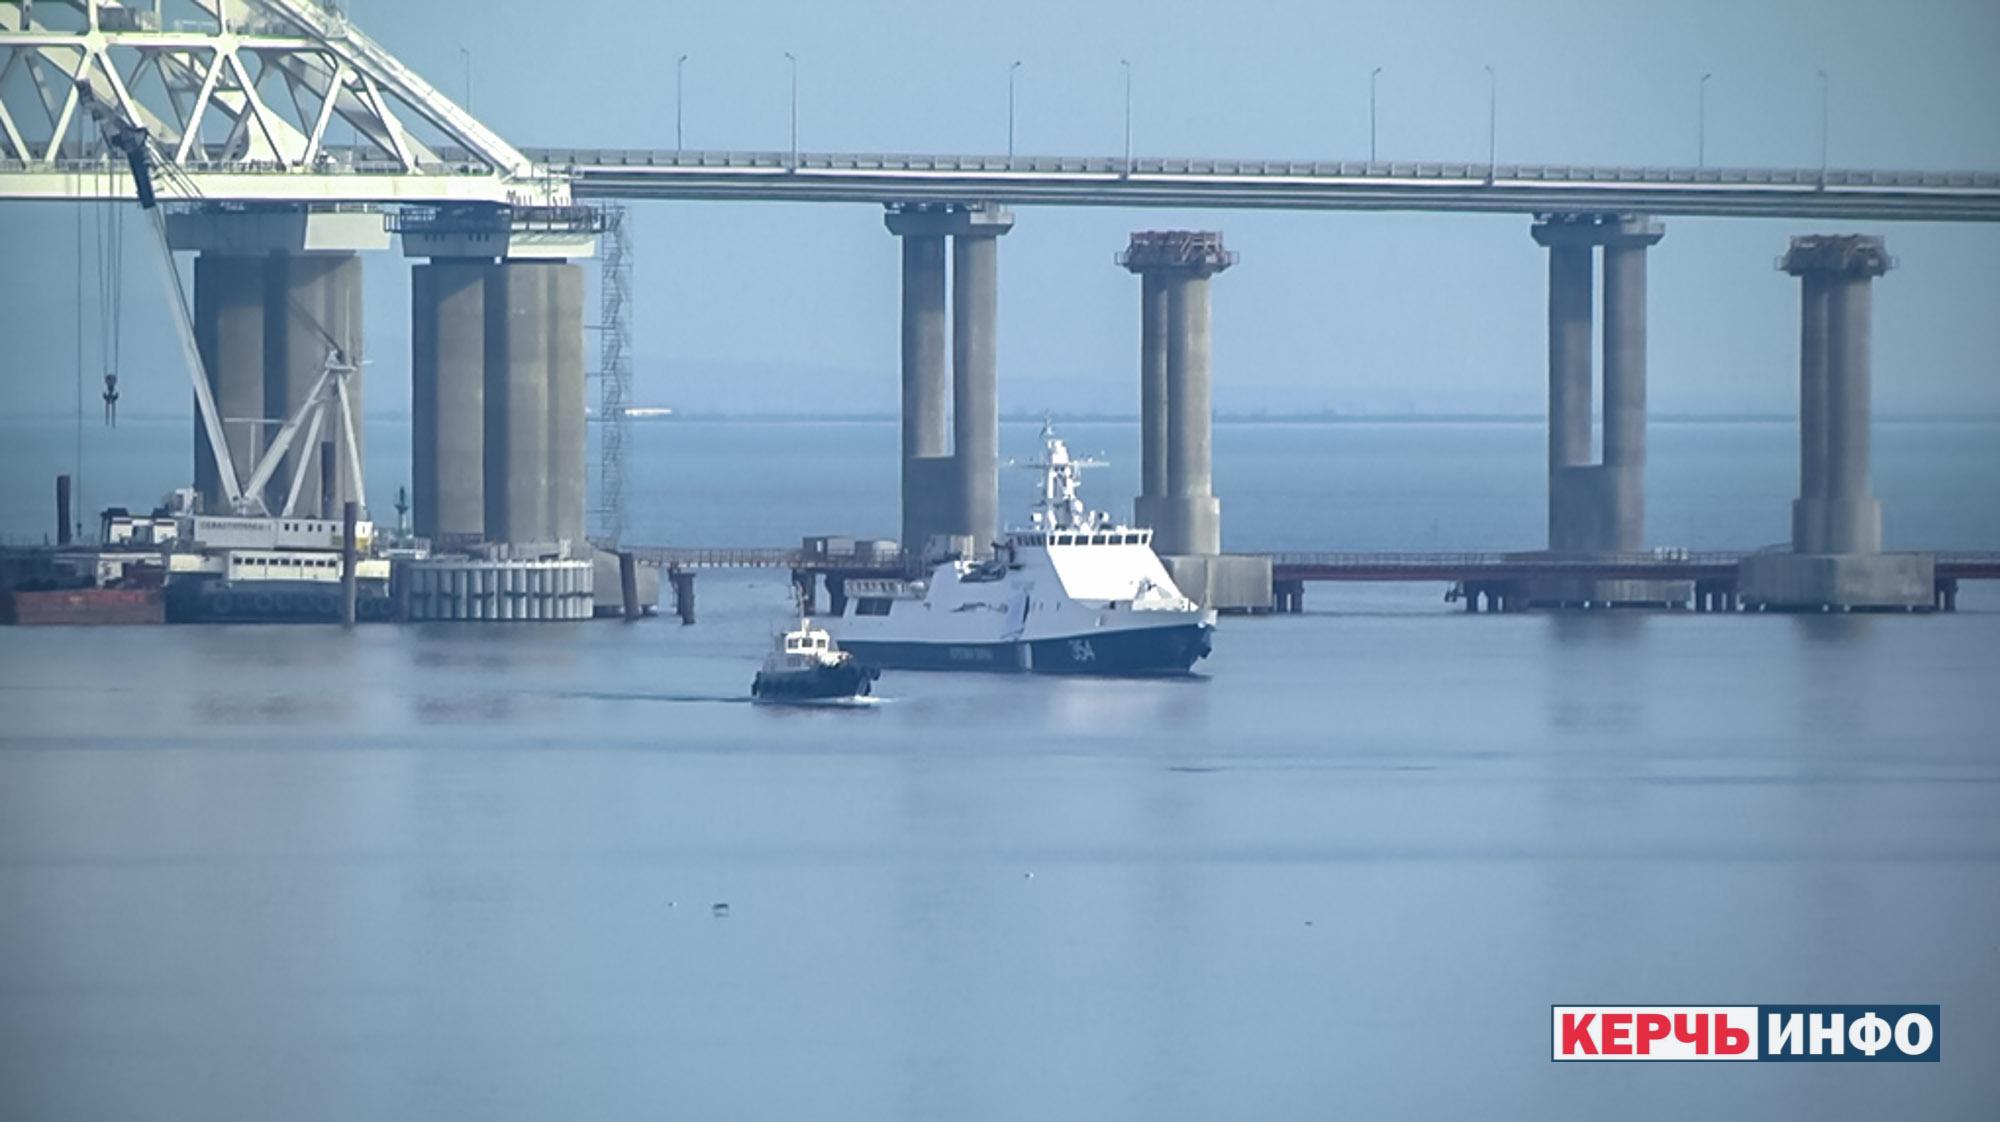 Неизвестное судно перекрыло проход кораблям ВМС Украины под аркой Крымского моста